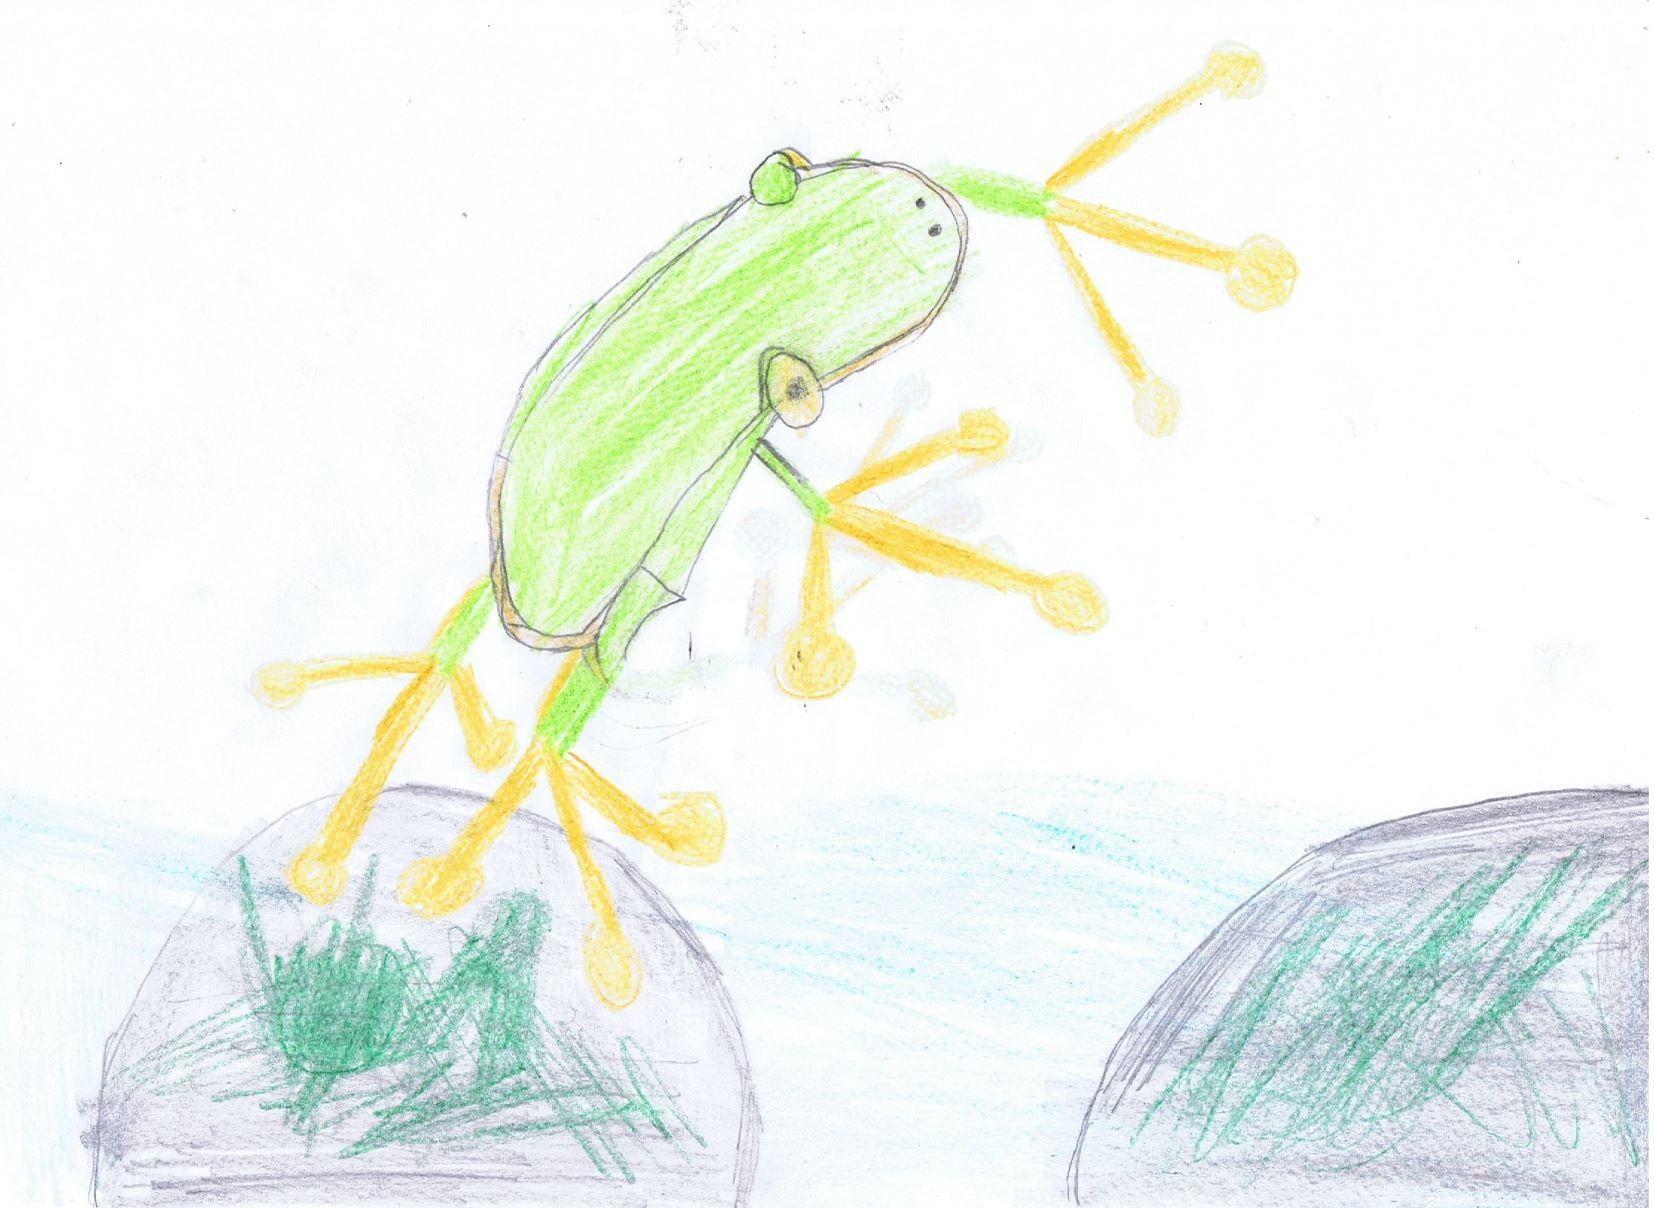 Wetterbericht vom Frosch - 8. August